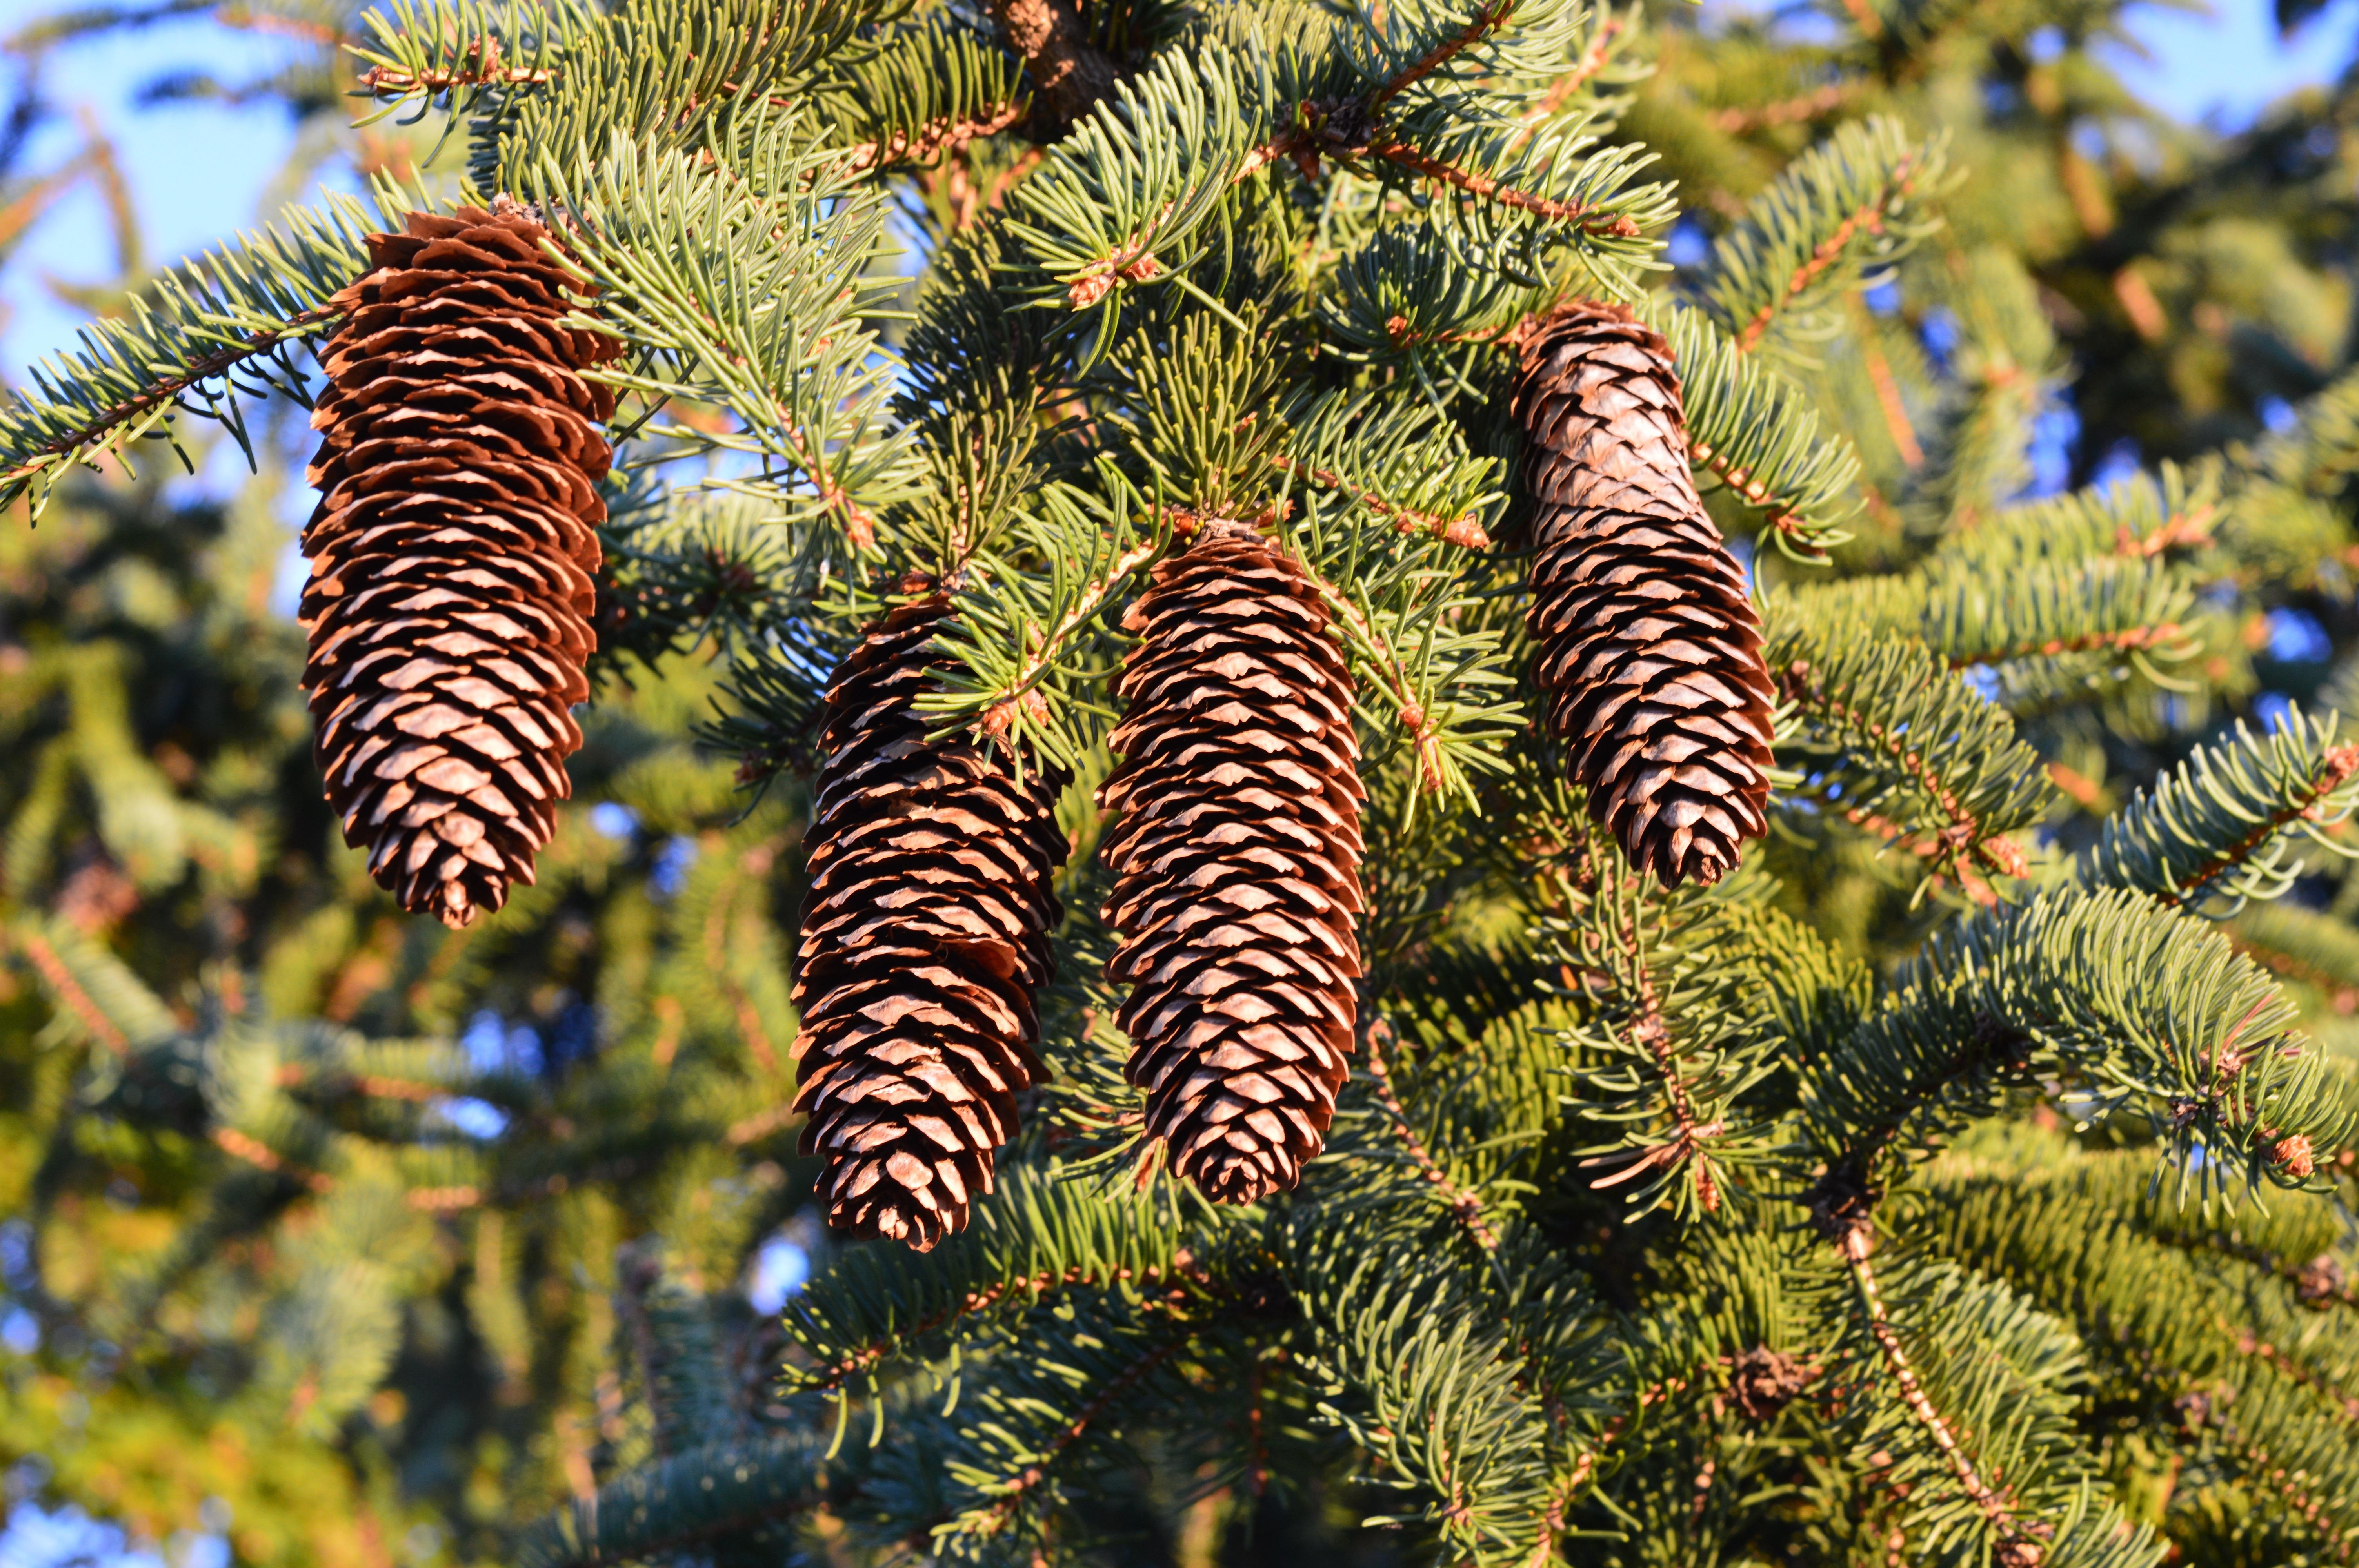 Fotos gratis rbol rama planta follaje verde hojas for Tipos de pinos para jardin fotos